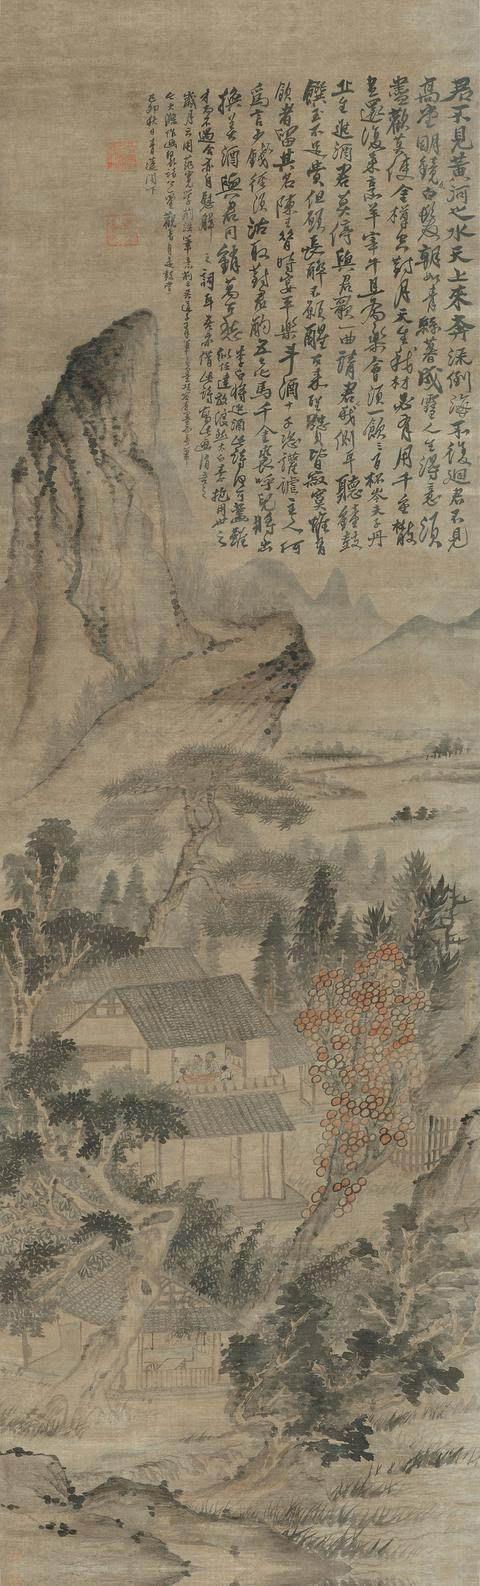 清 石涛 太白诗意山水图轴 故宫博物院藏 缩图